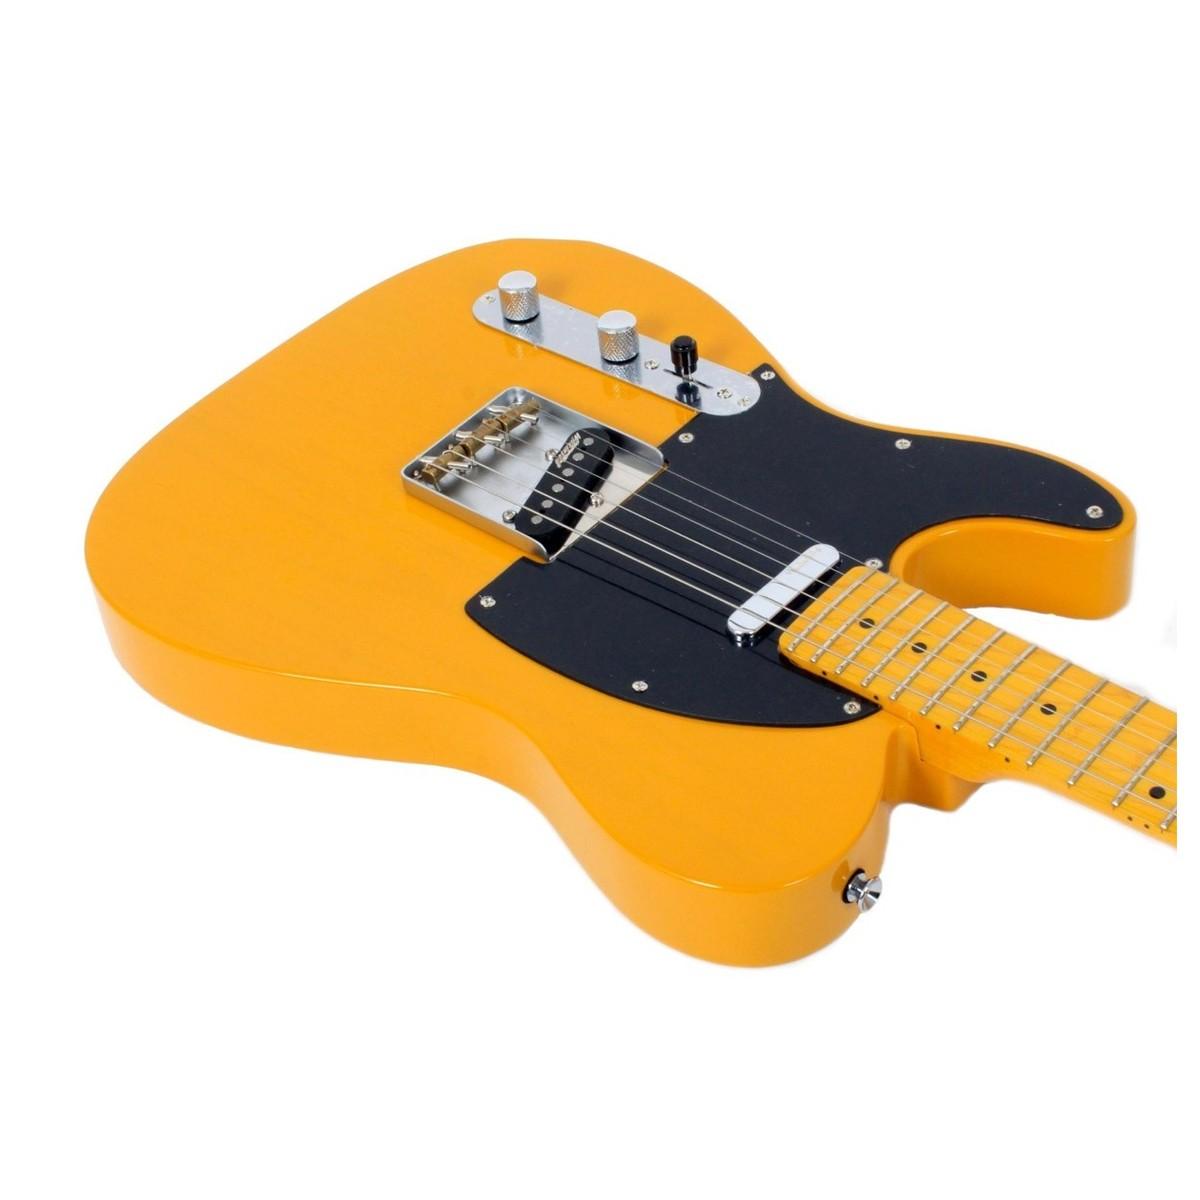 vintage r dit v52 gaucher guitare electrique caramel au beurre b stock. Black Bedroom Furniture Sets. Home Design Ideas